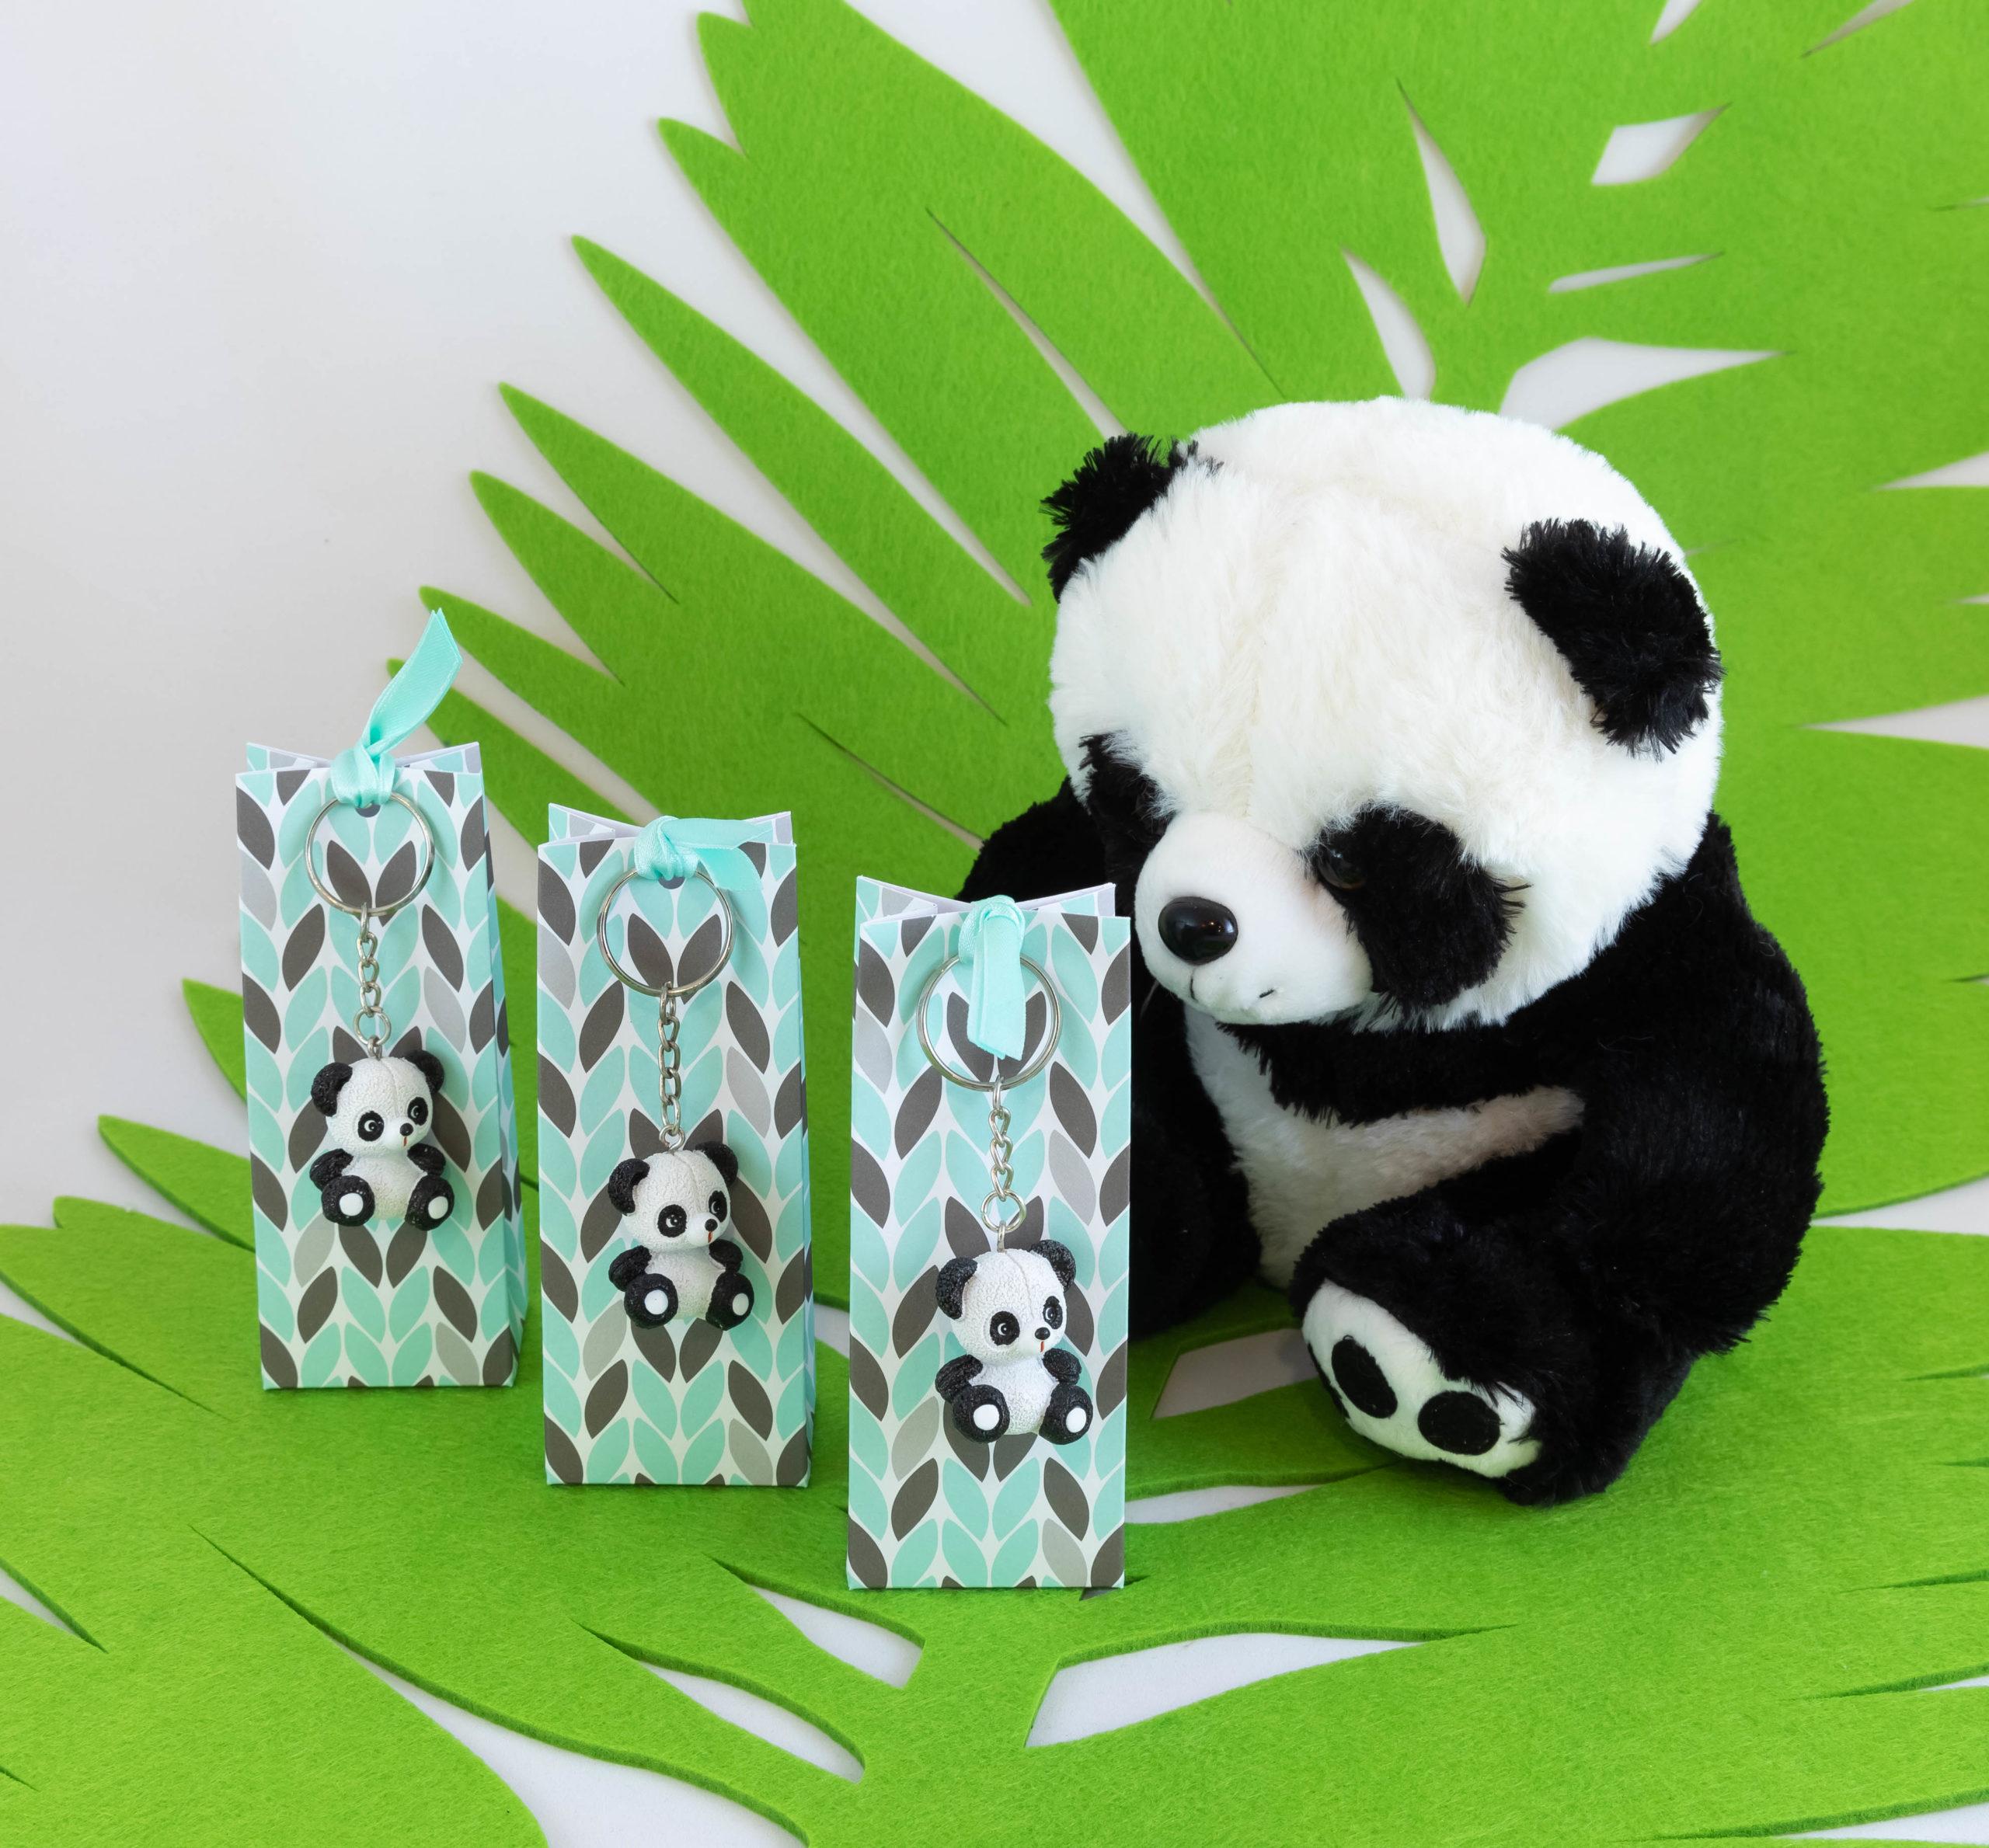 Boite porte-clé - Panda Image